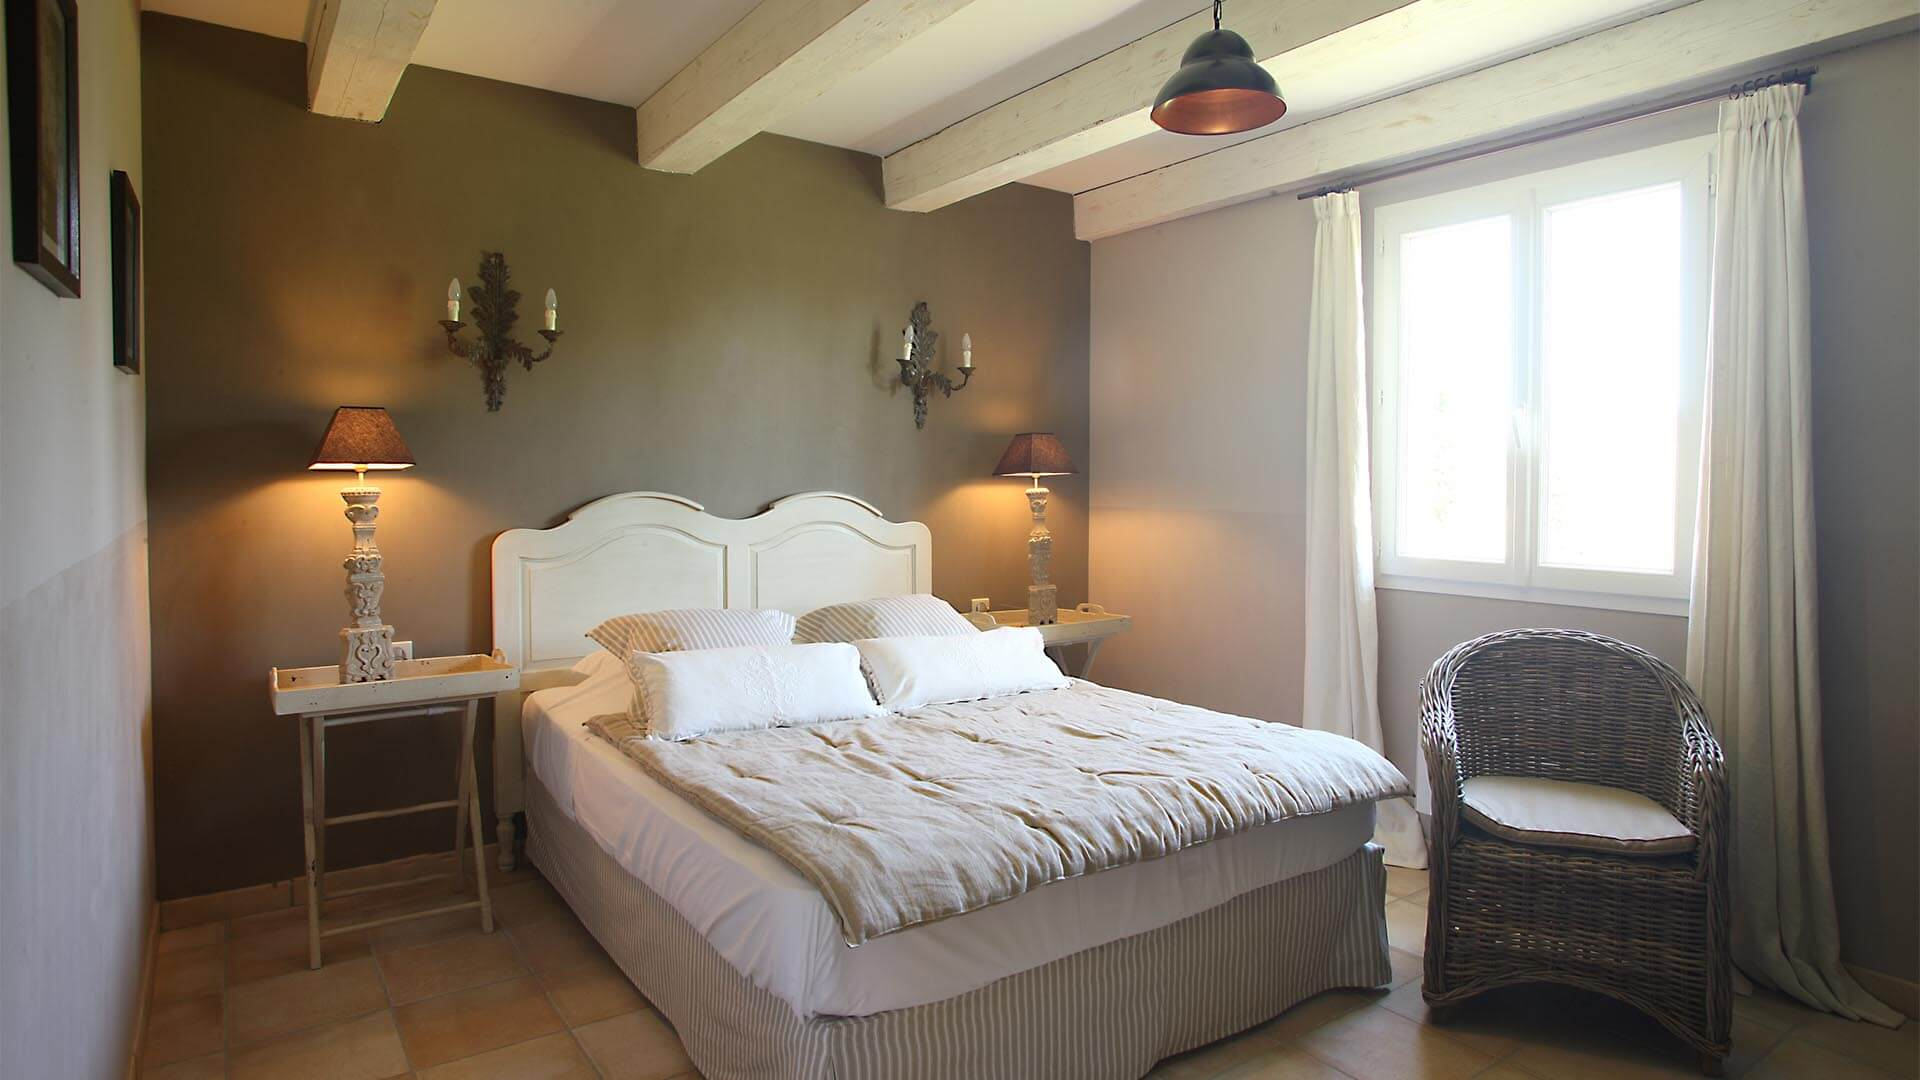 Location saisonnière Forcalquier | Villa la source | Chambre lit double